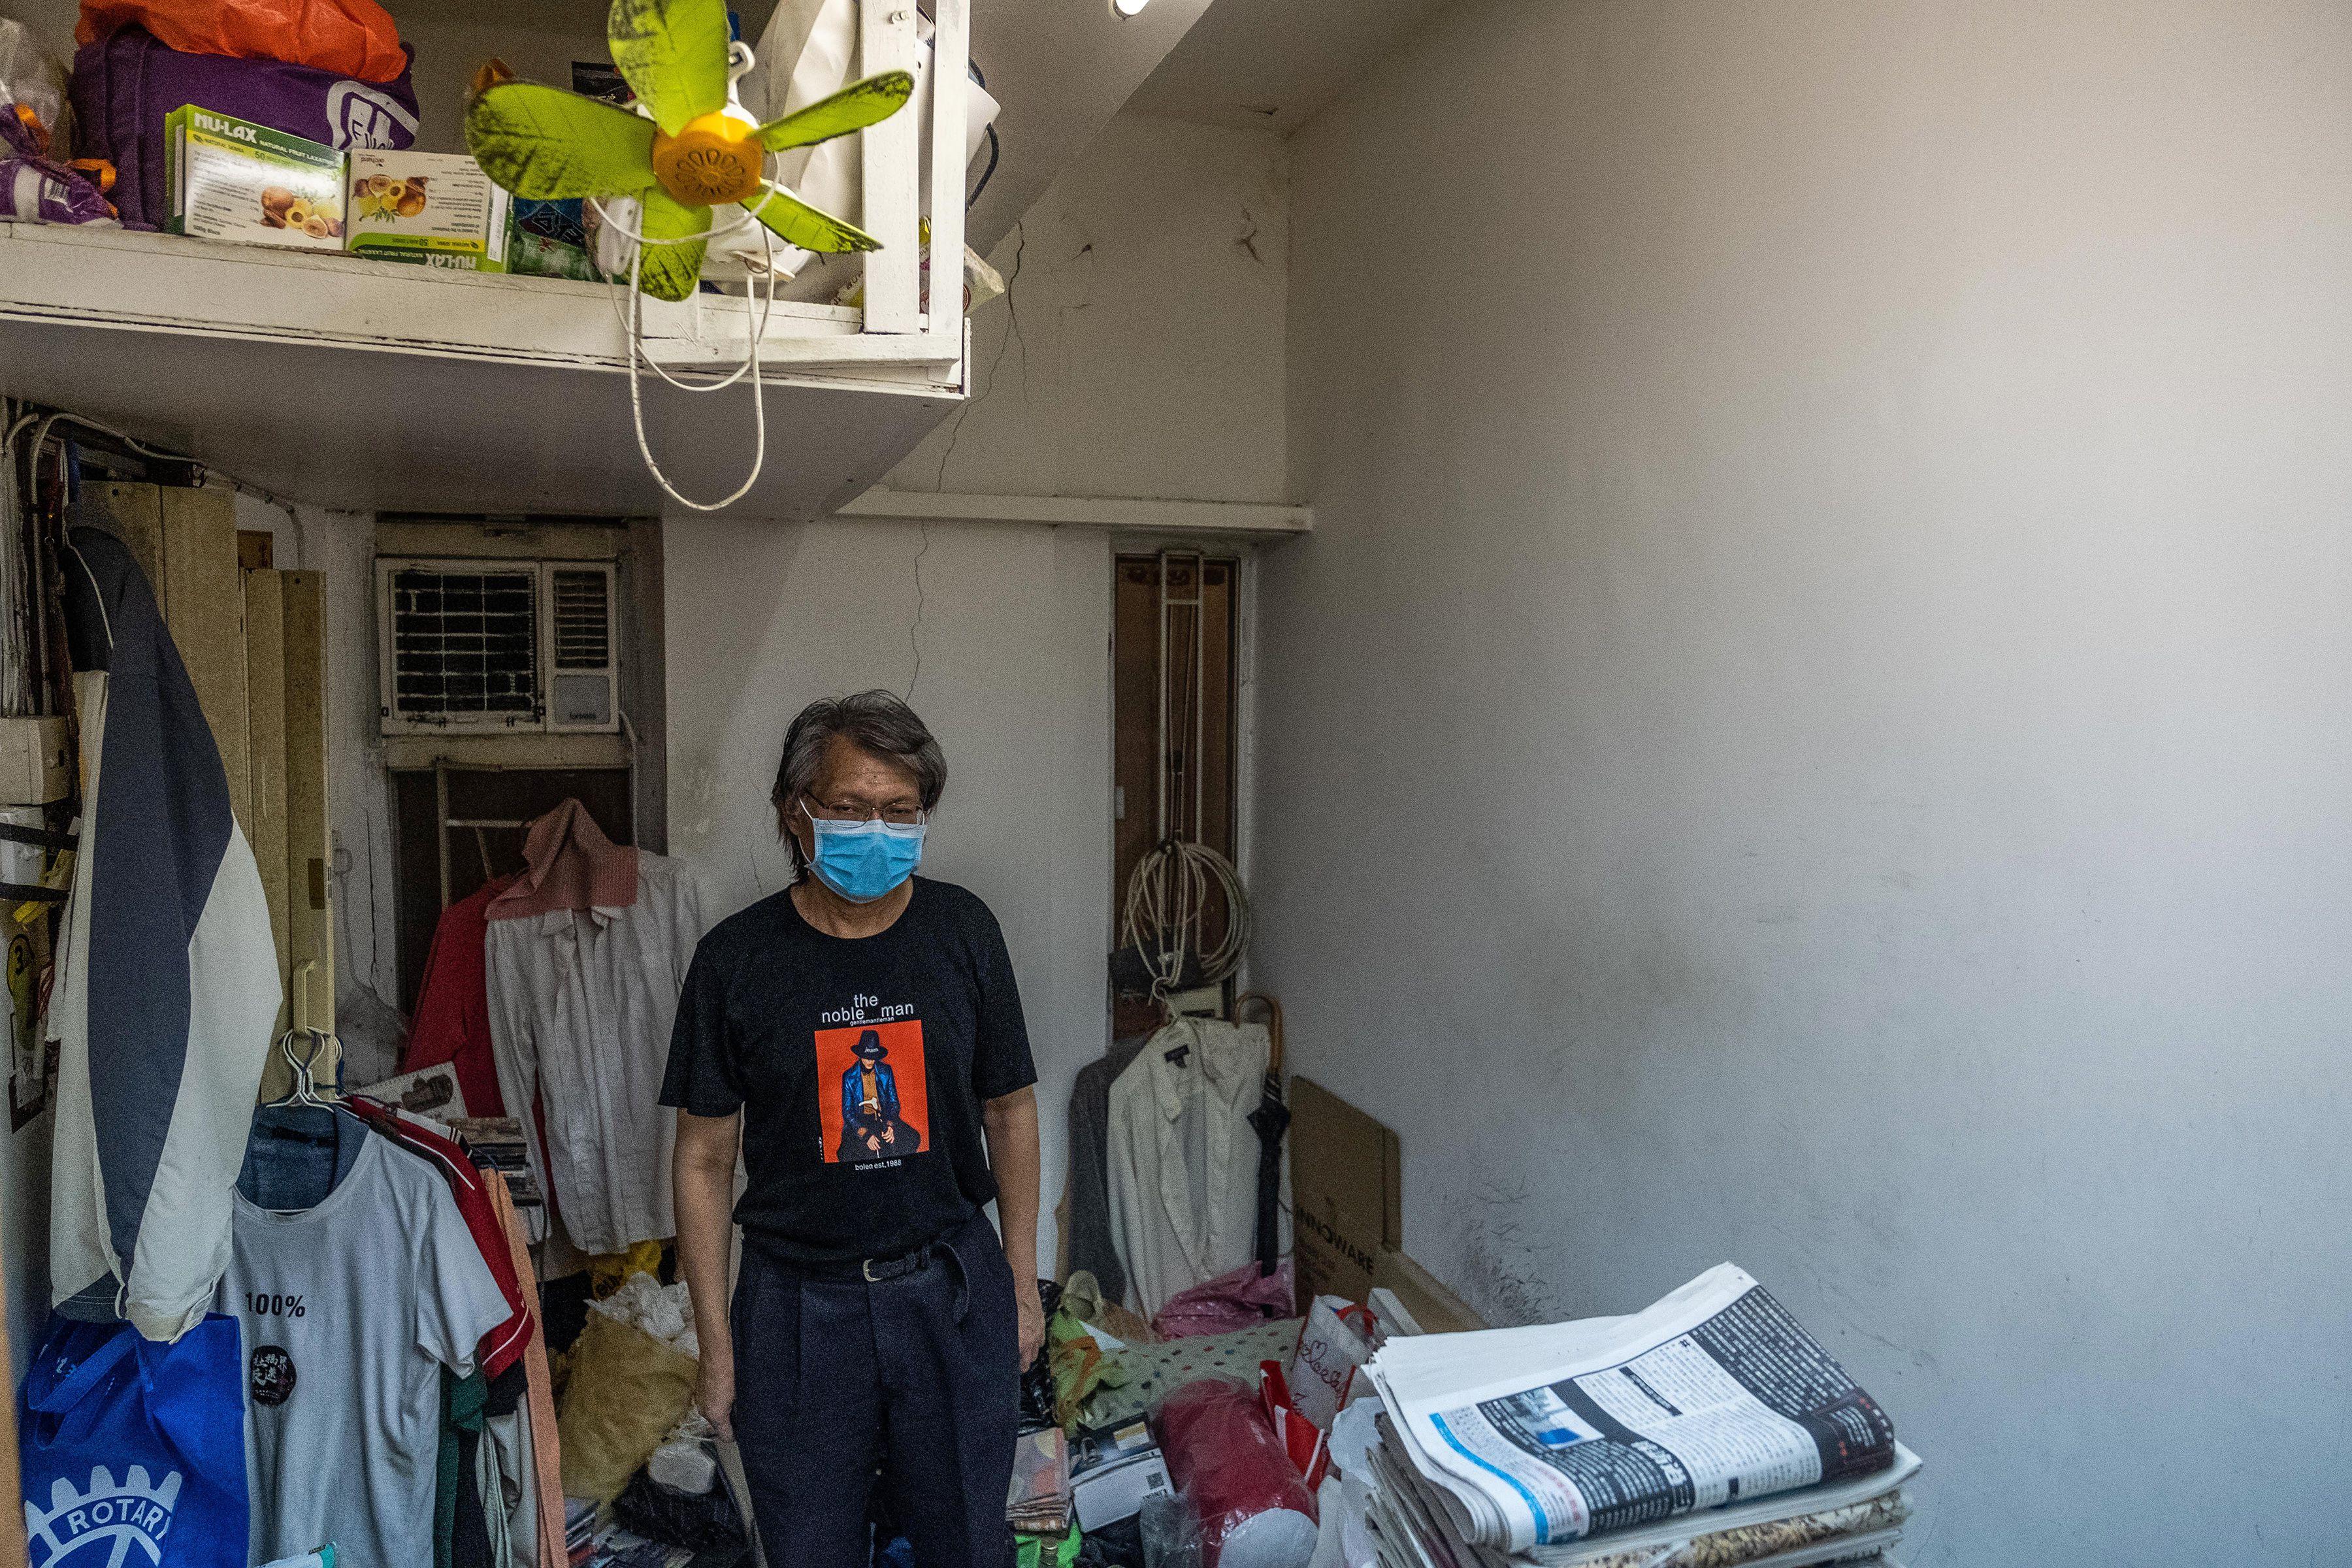 """""""Es espantosa, la situación de vivir aquí"""", dijo Kenneth Leung sobre su apartamento subdividido en el distrito Sham Shui Po de Hong Kong. Como muchos manifestantes, porta un cubrebocas para evitar ser identificado por la policía. (Lam Yik Fei/The New York Times)"""